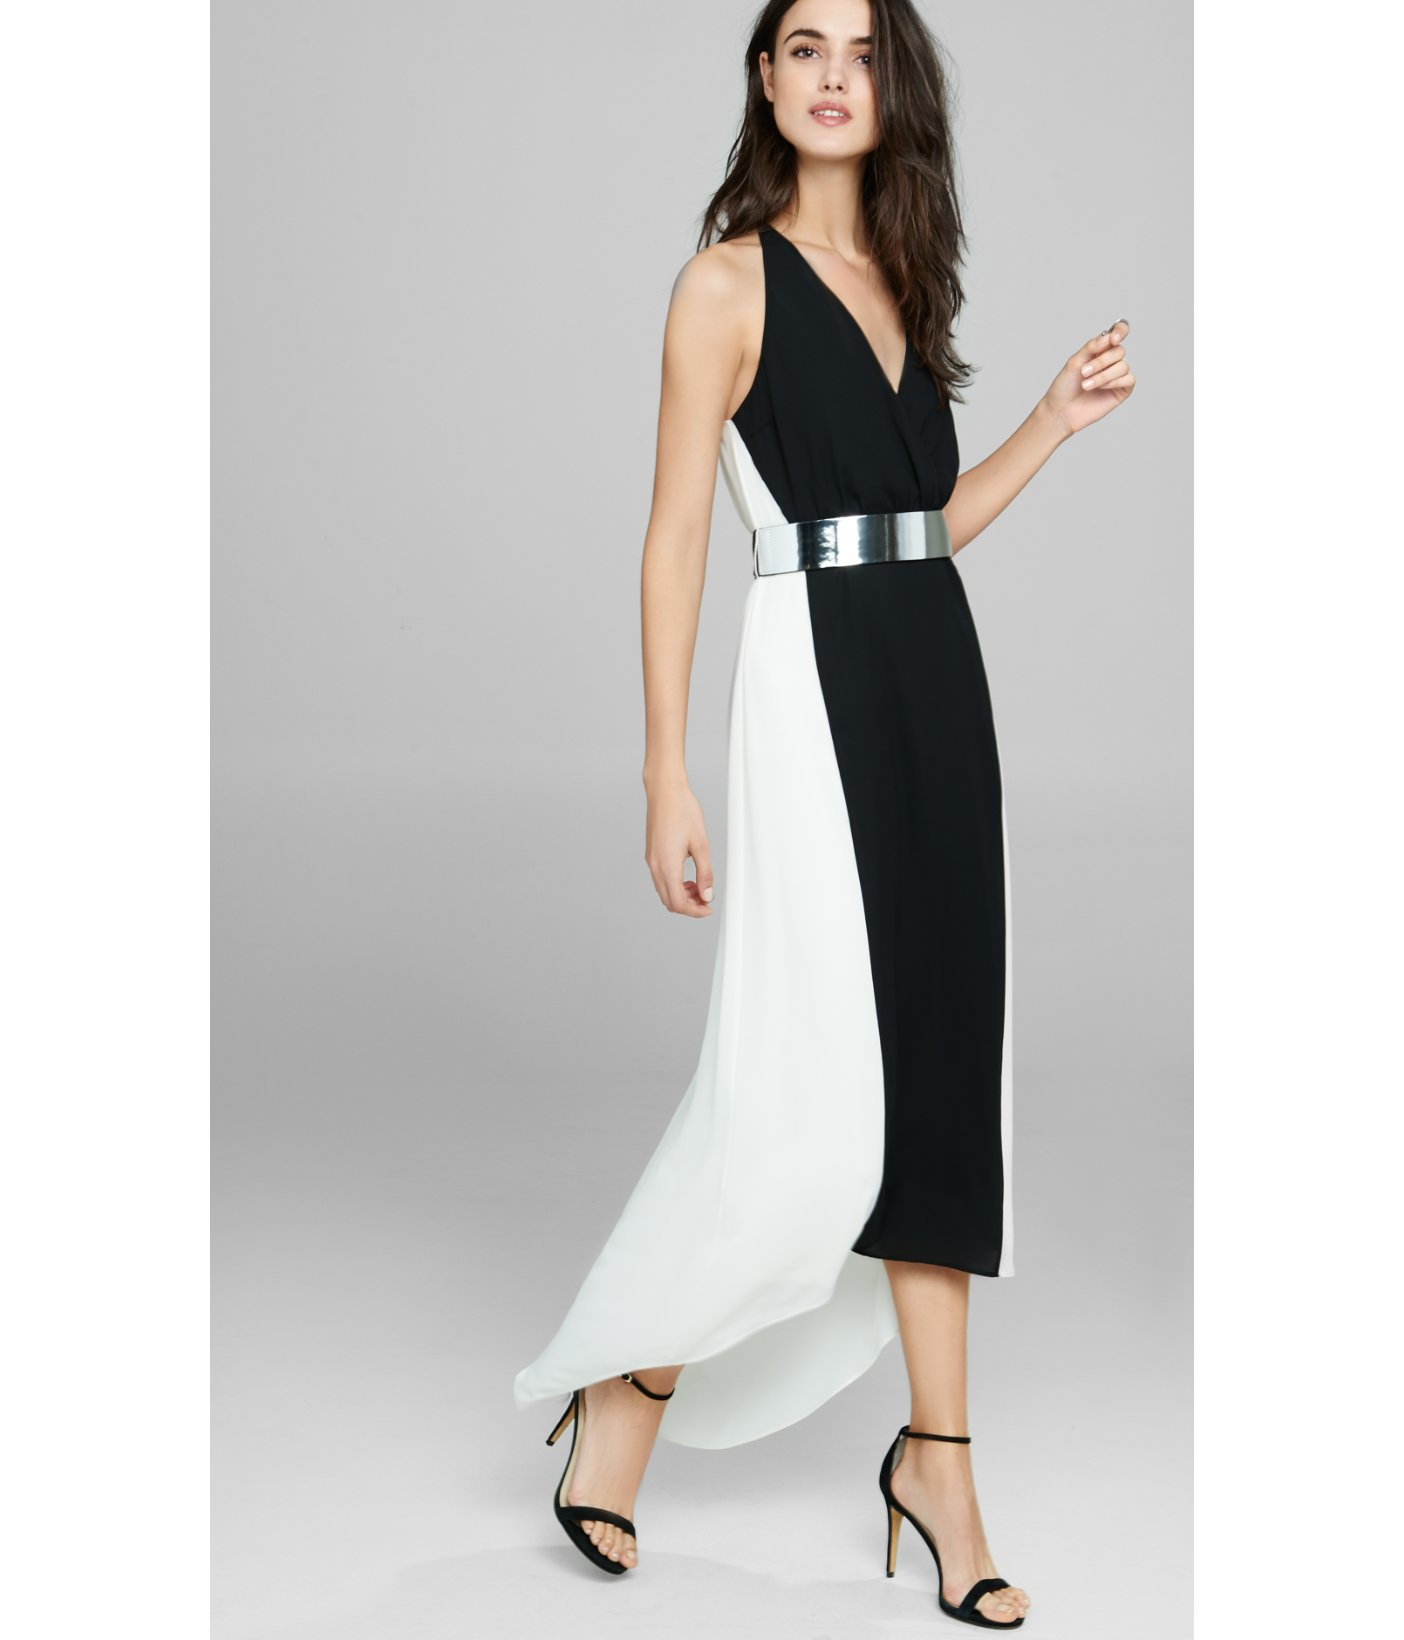 Express long dress short skirt sheer hem maxi